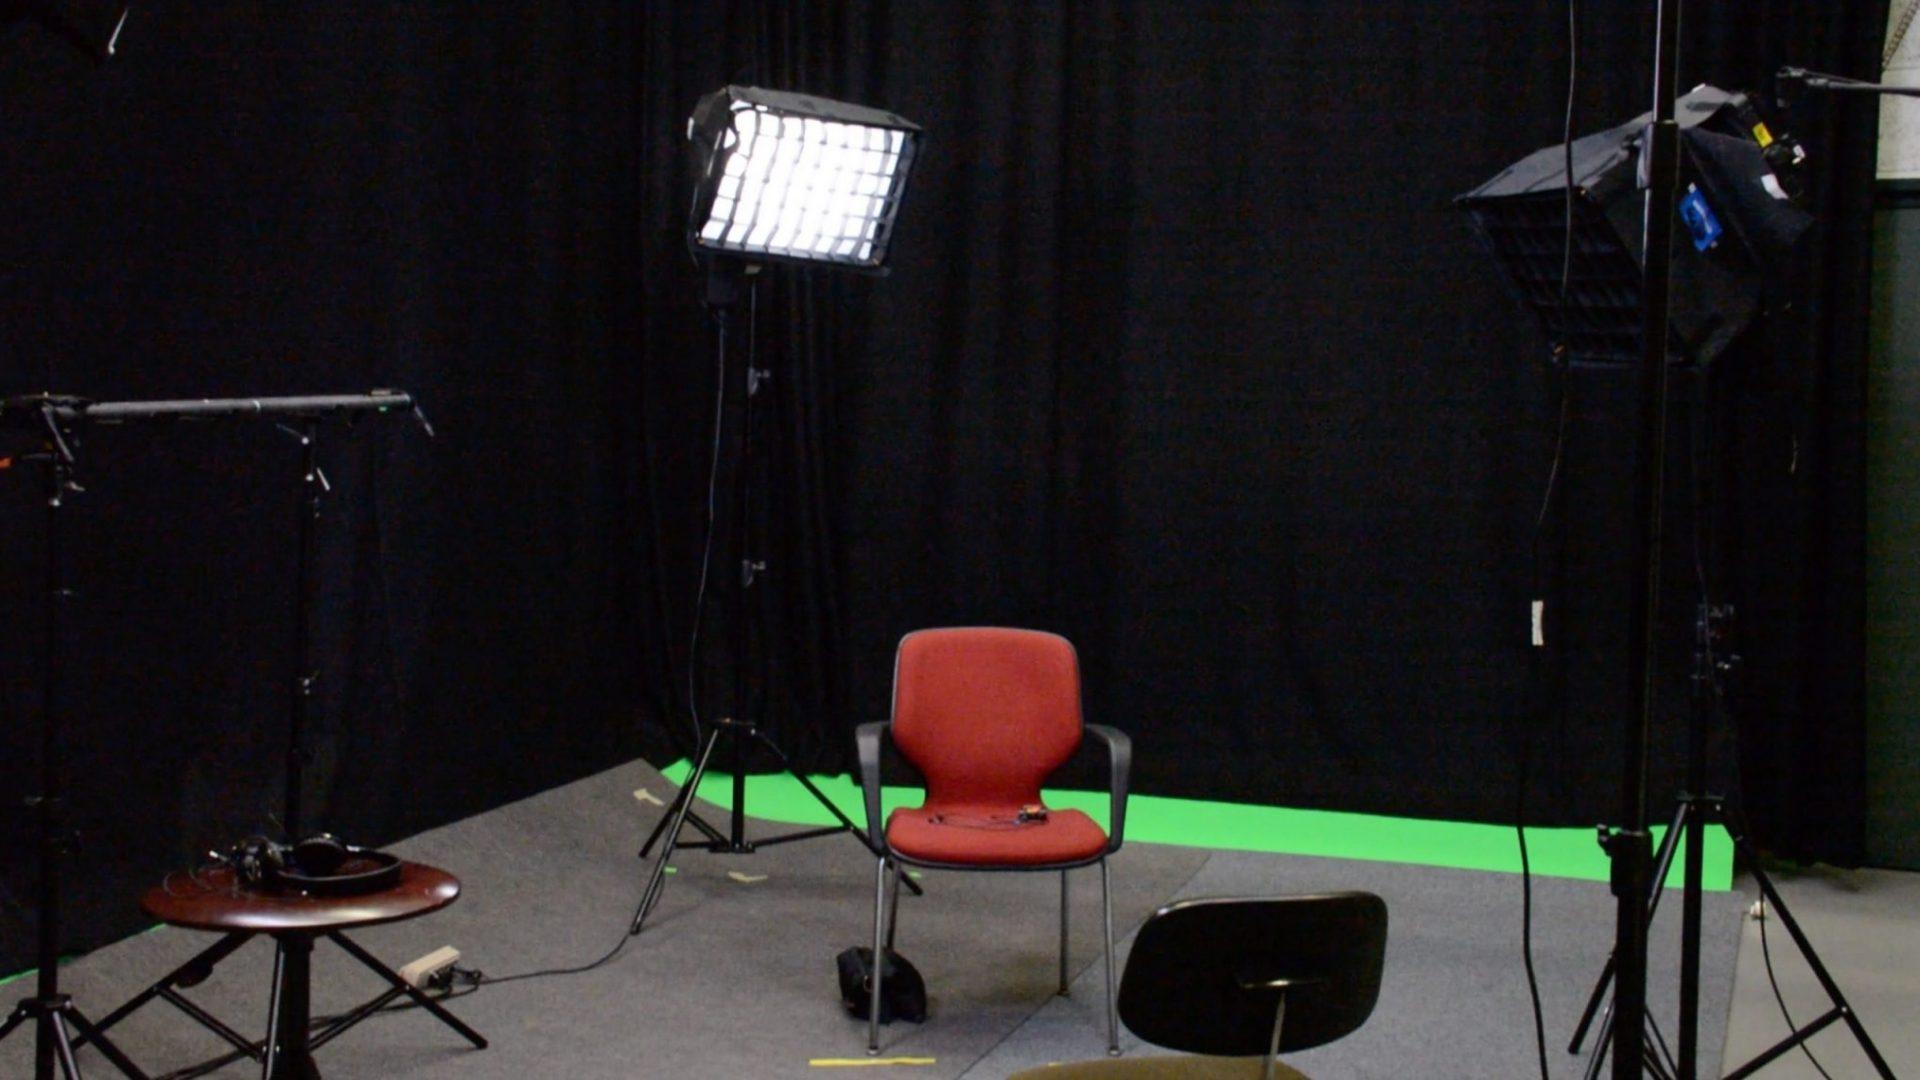 Vue du studio de télévision avec chaise, matériel d'éclairage, rideaux et fond vert.